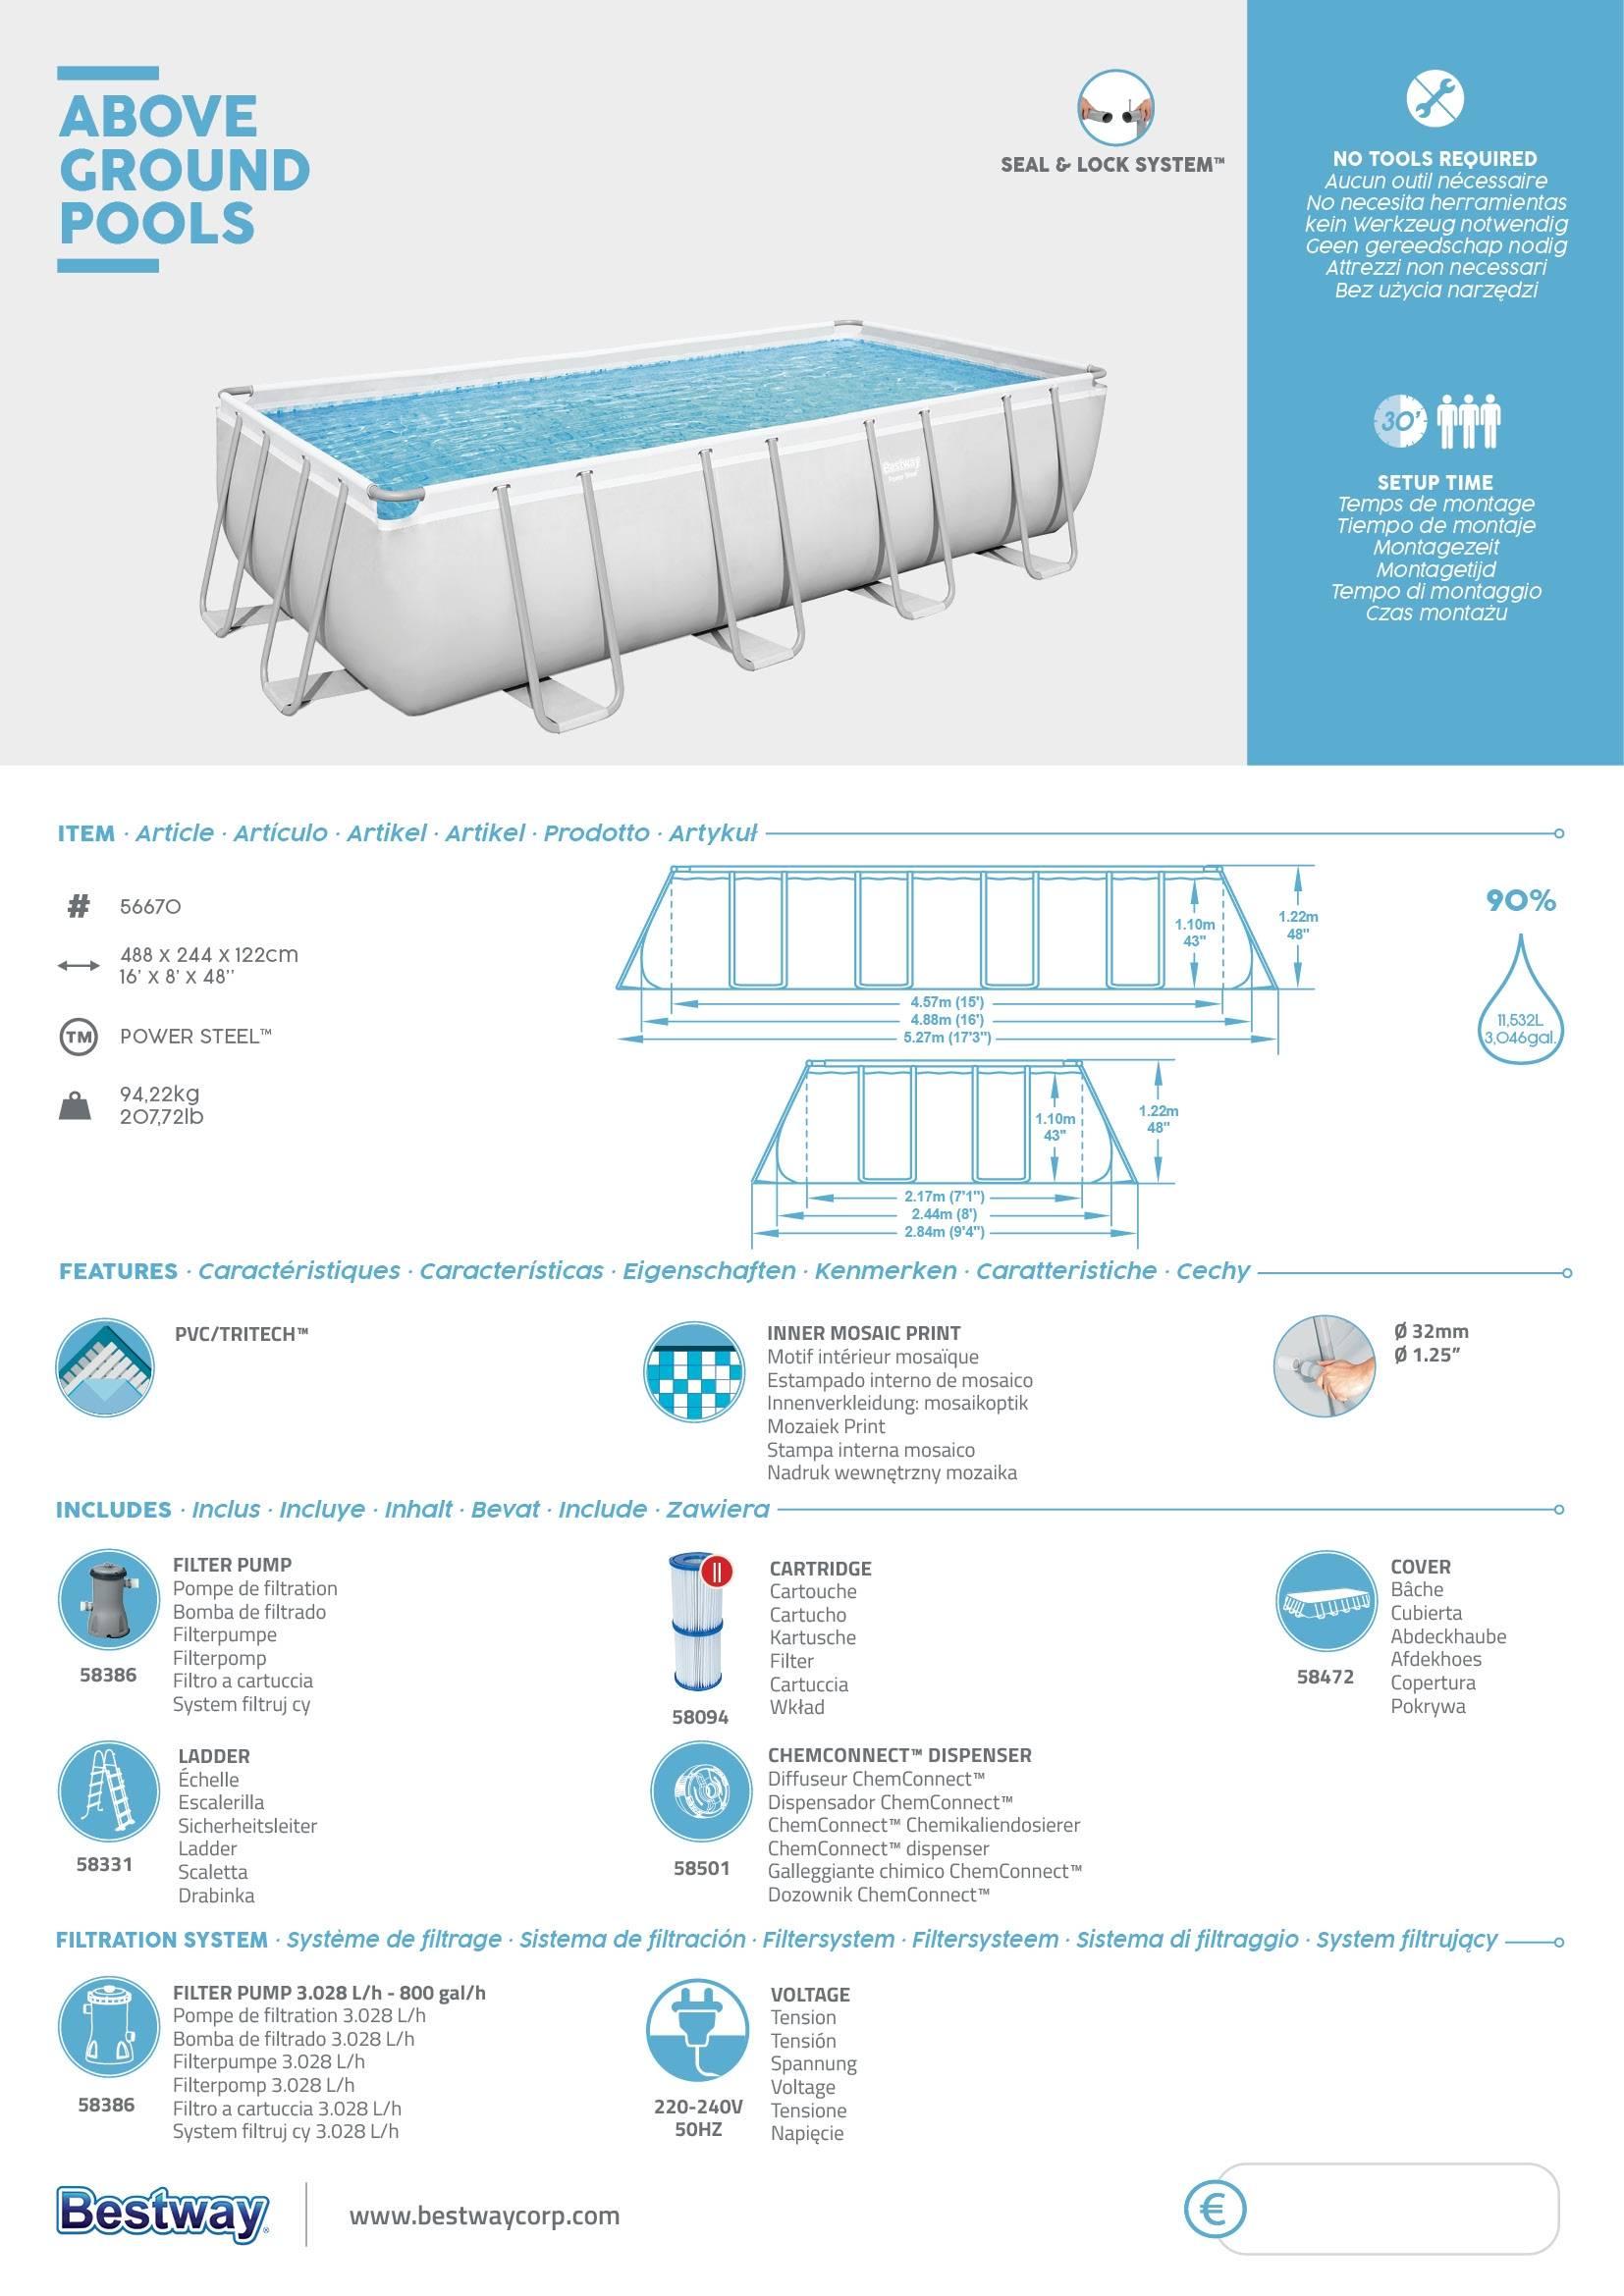 Piscina desmontable tubular Bestway Power Steel 488x244x122cm